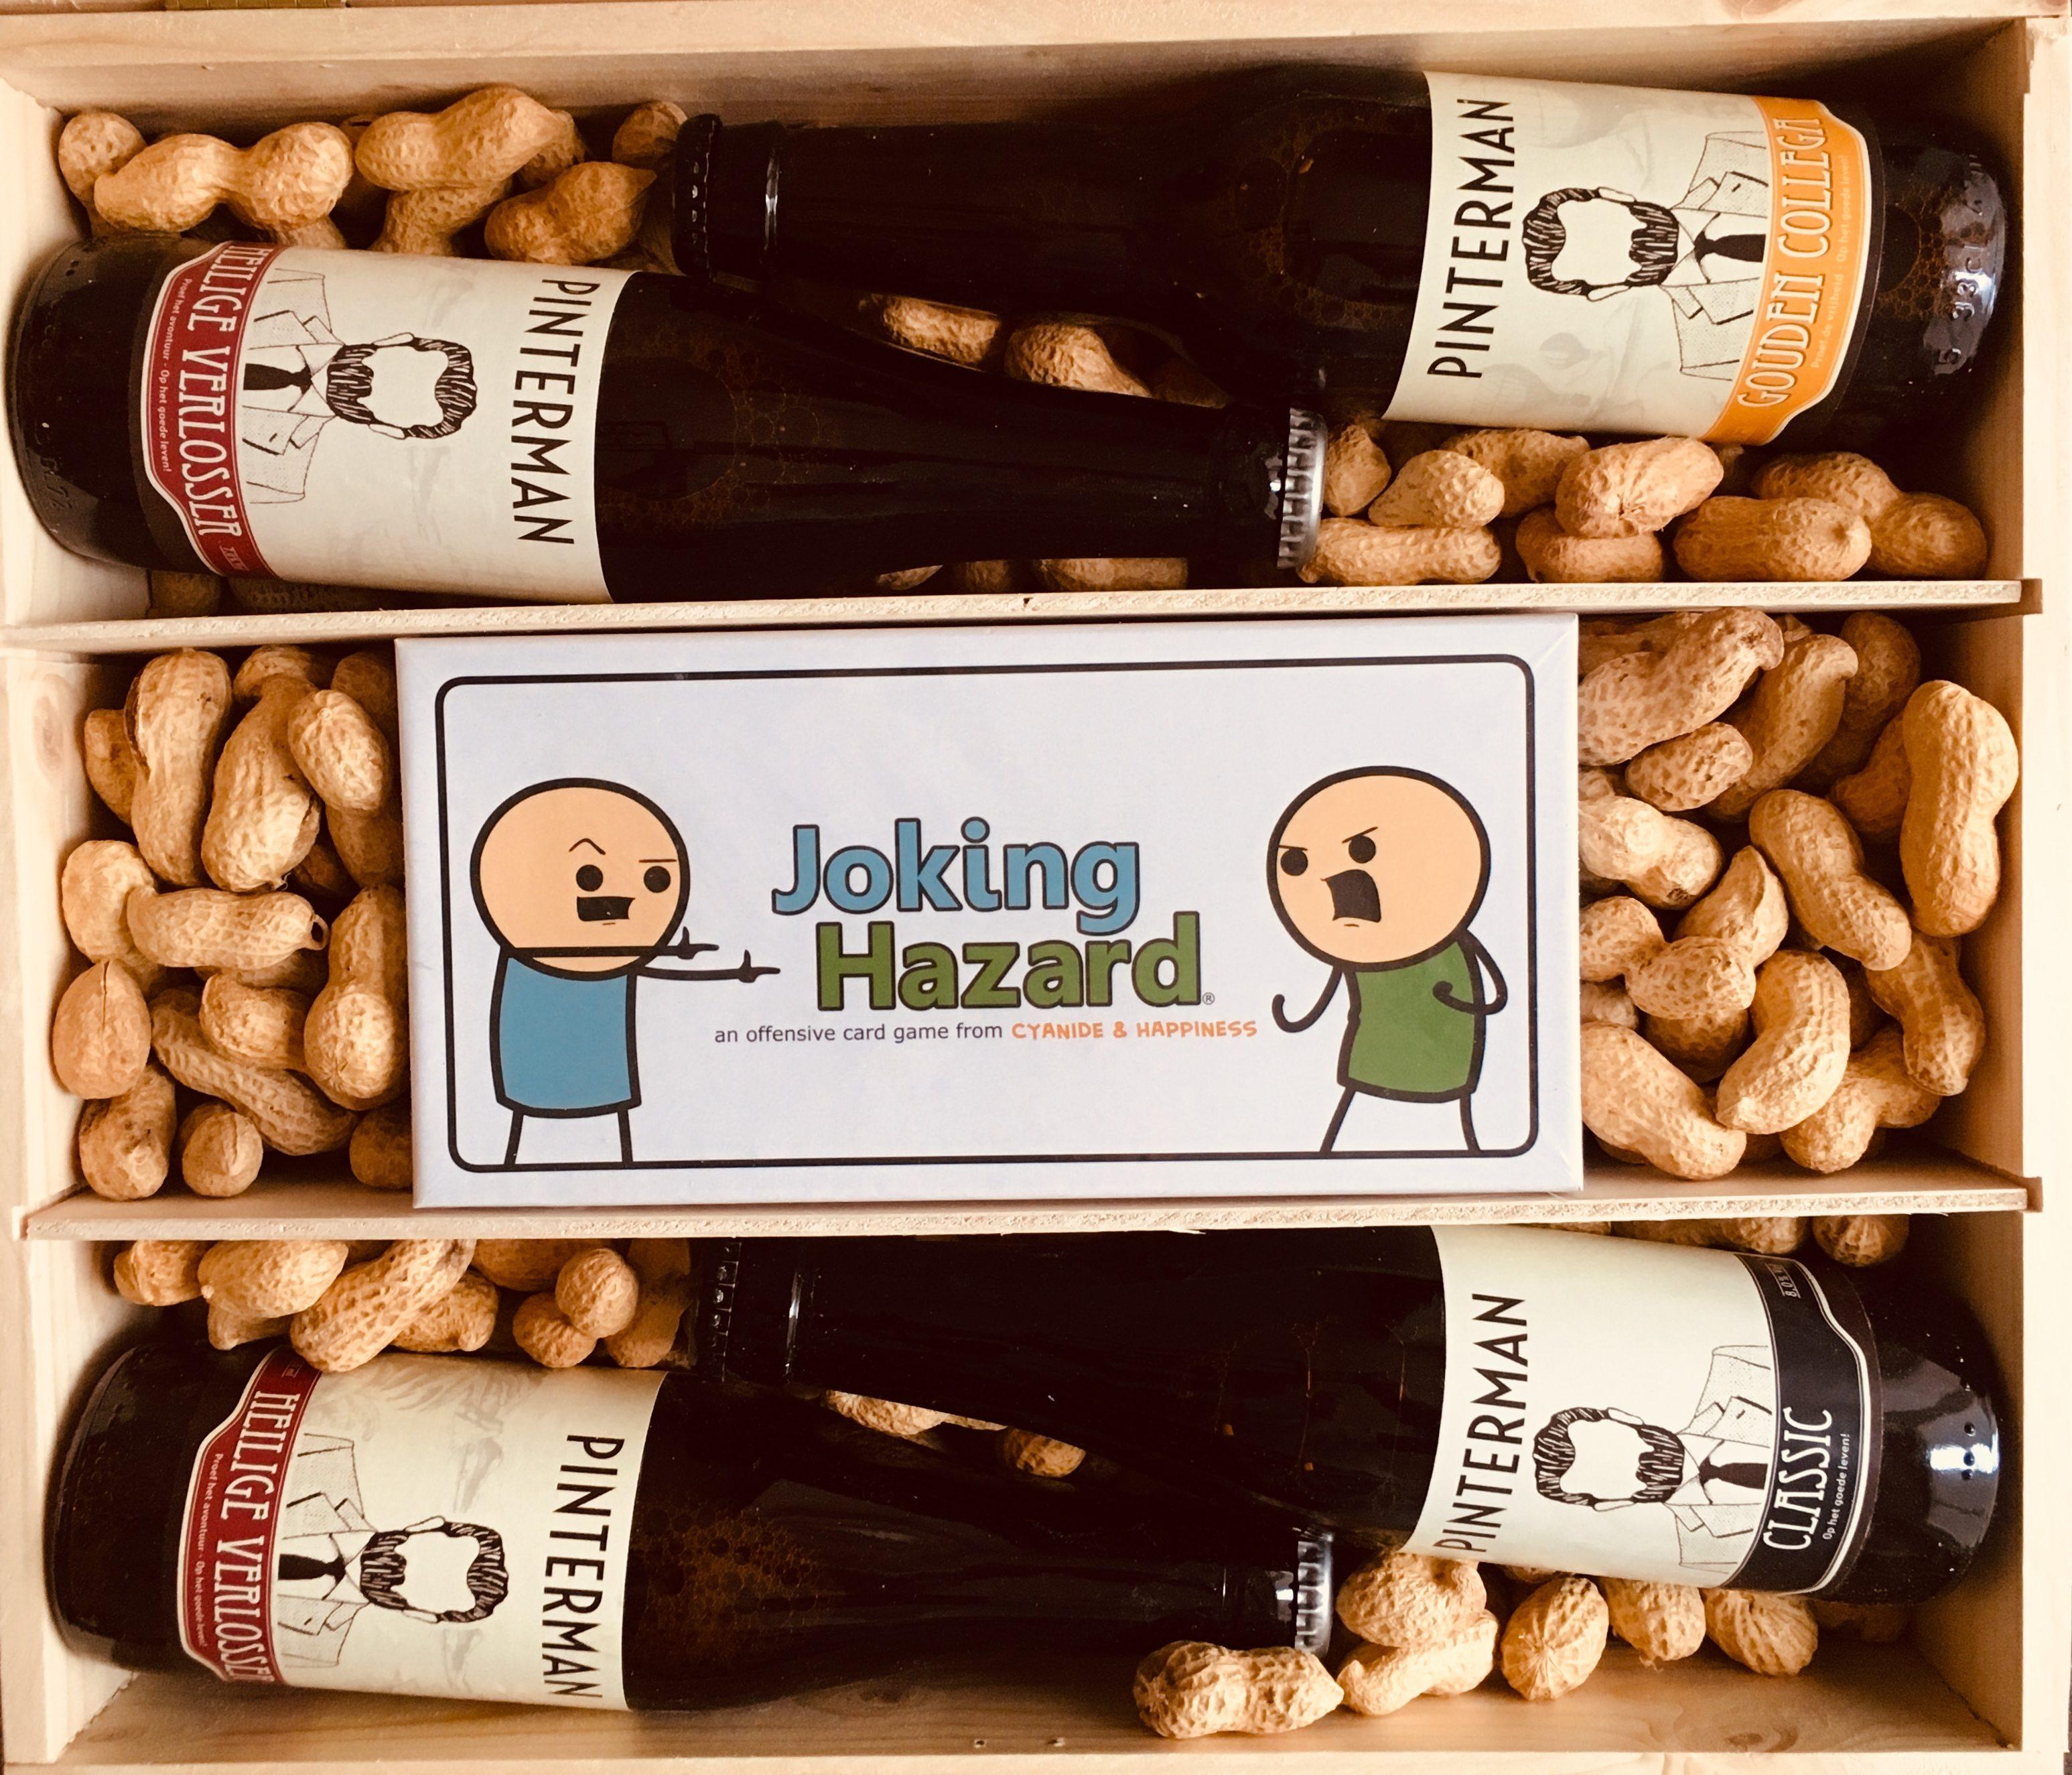 Joking hazard met lekker bier? Spellenpaleis.nl